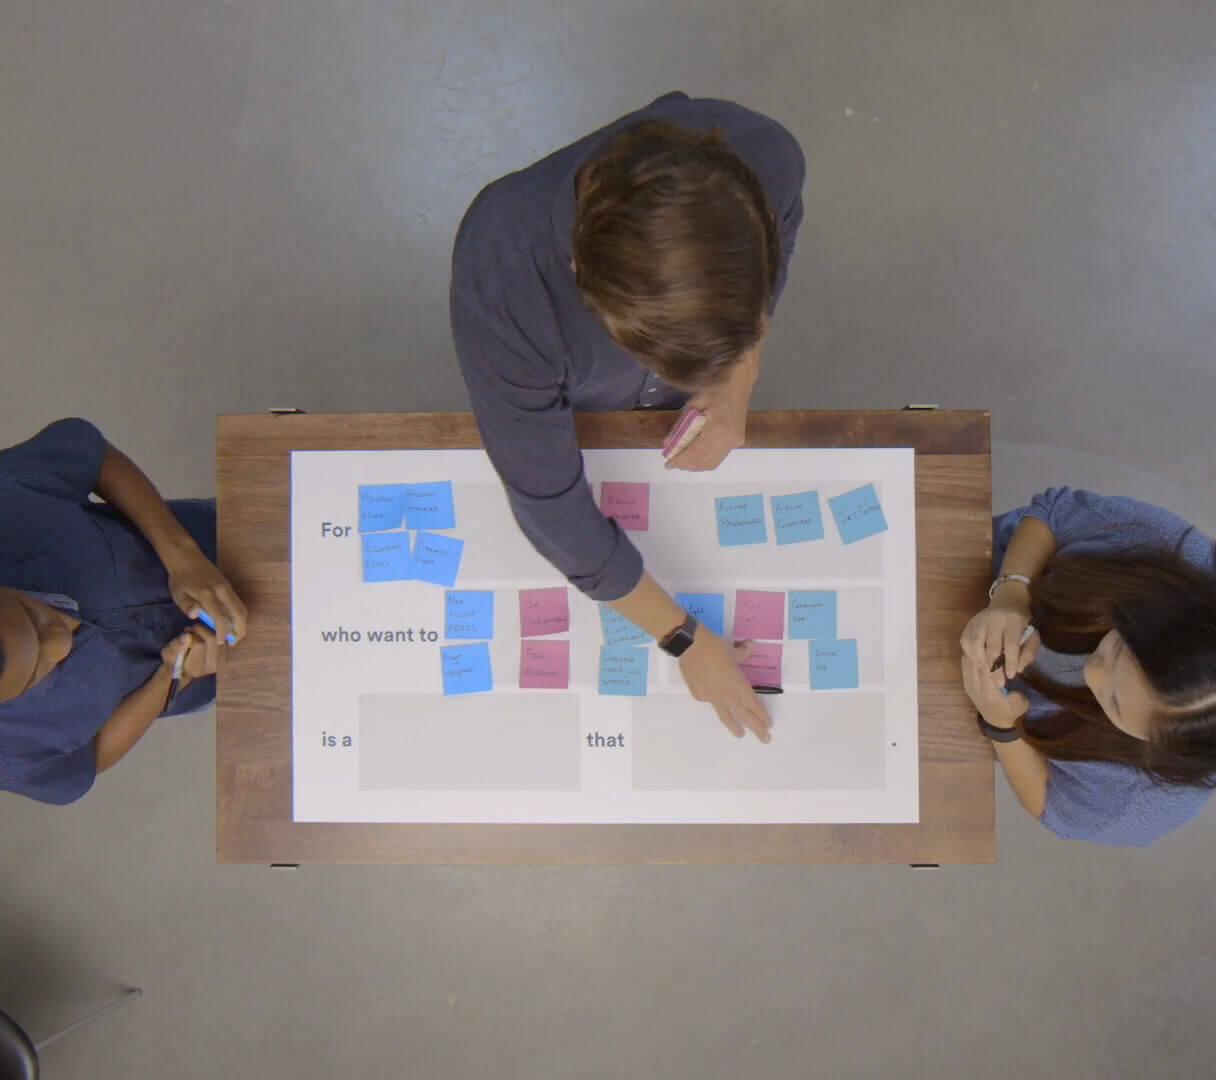 Utilisez cet argumentaire éclair pour décrire votre projet et sa valeur dans des termes clairs.